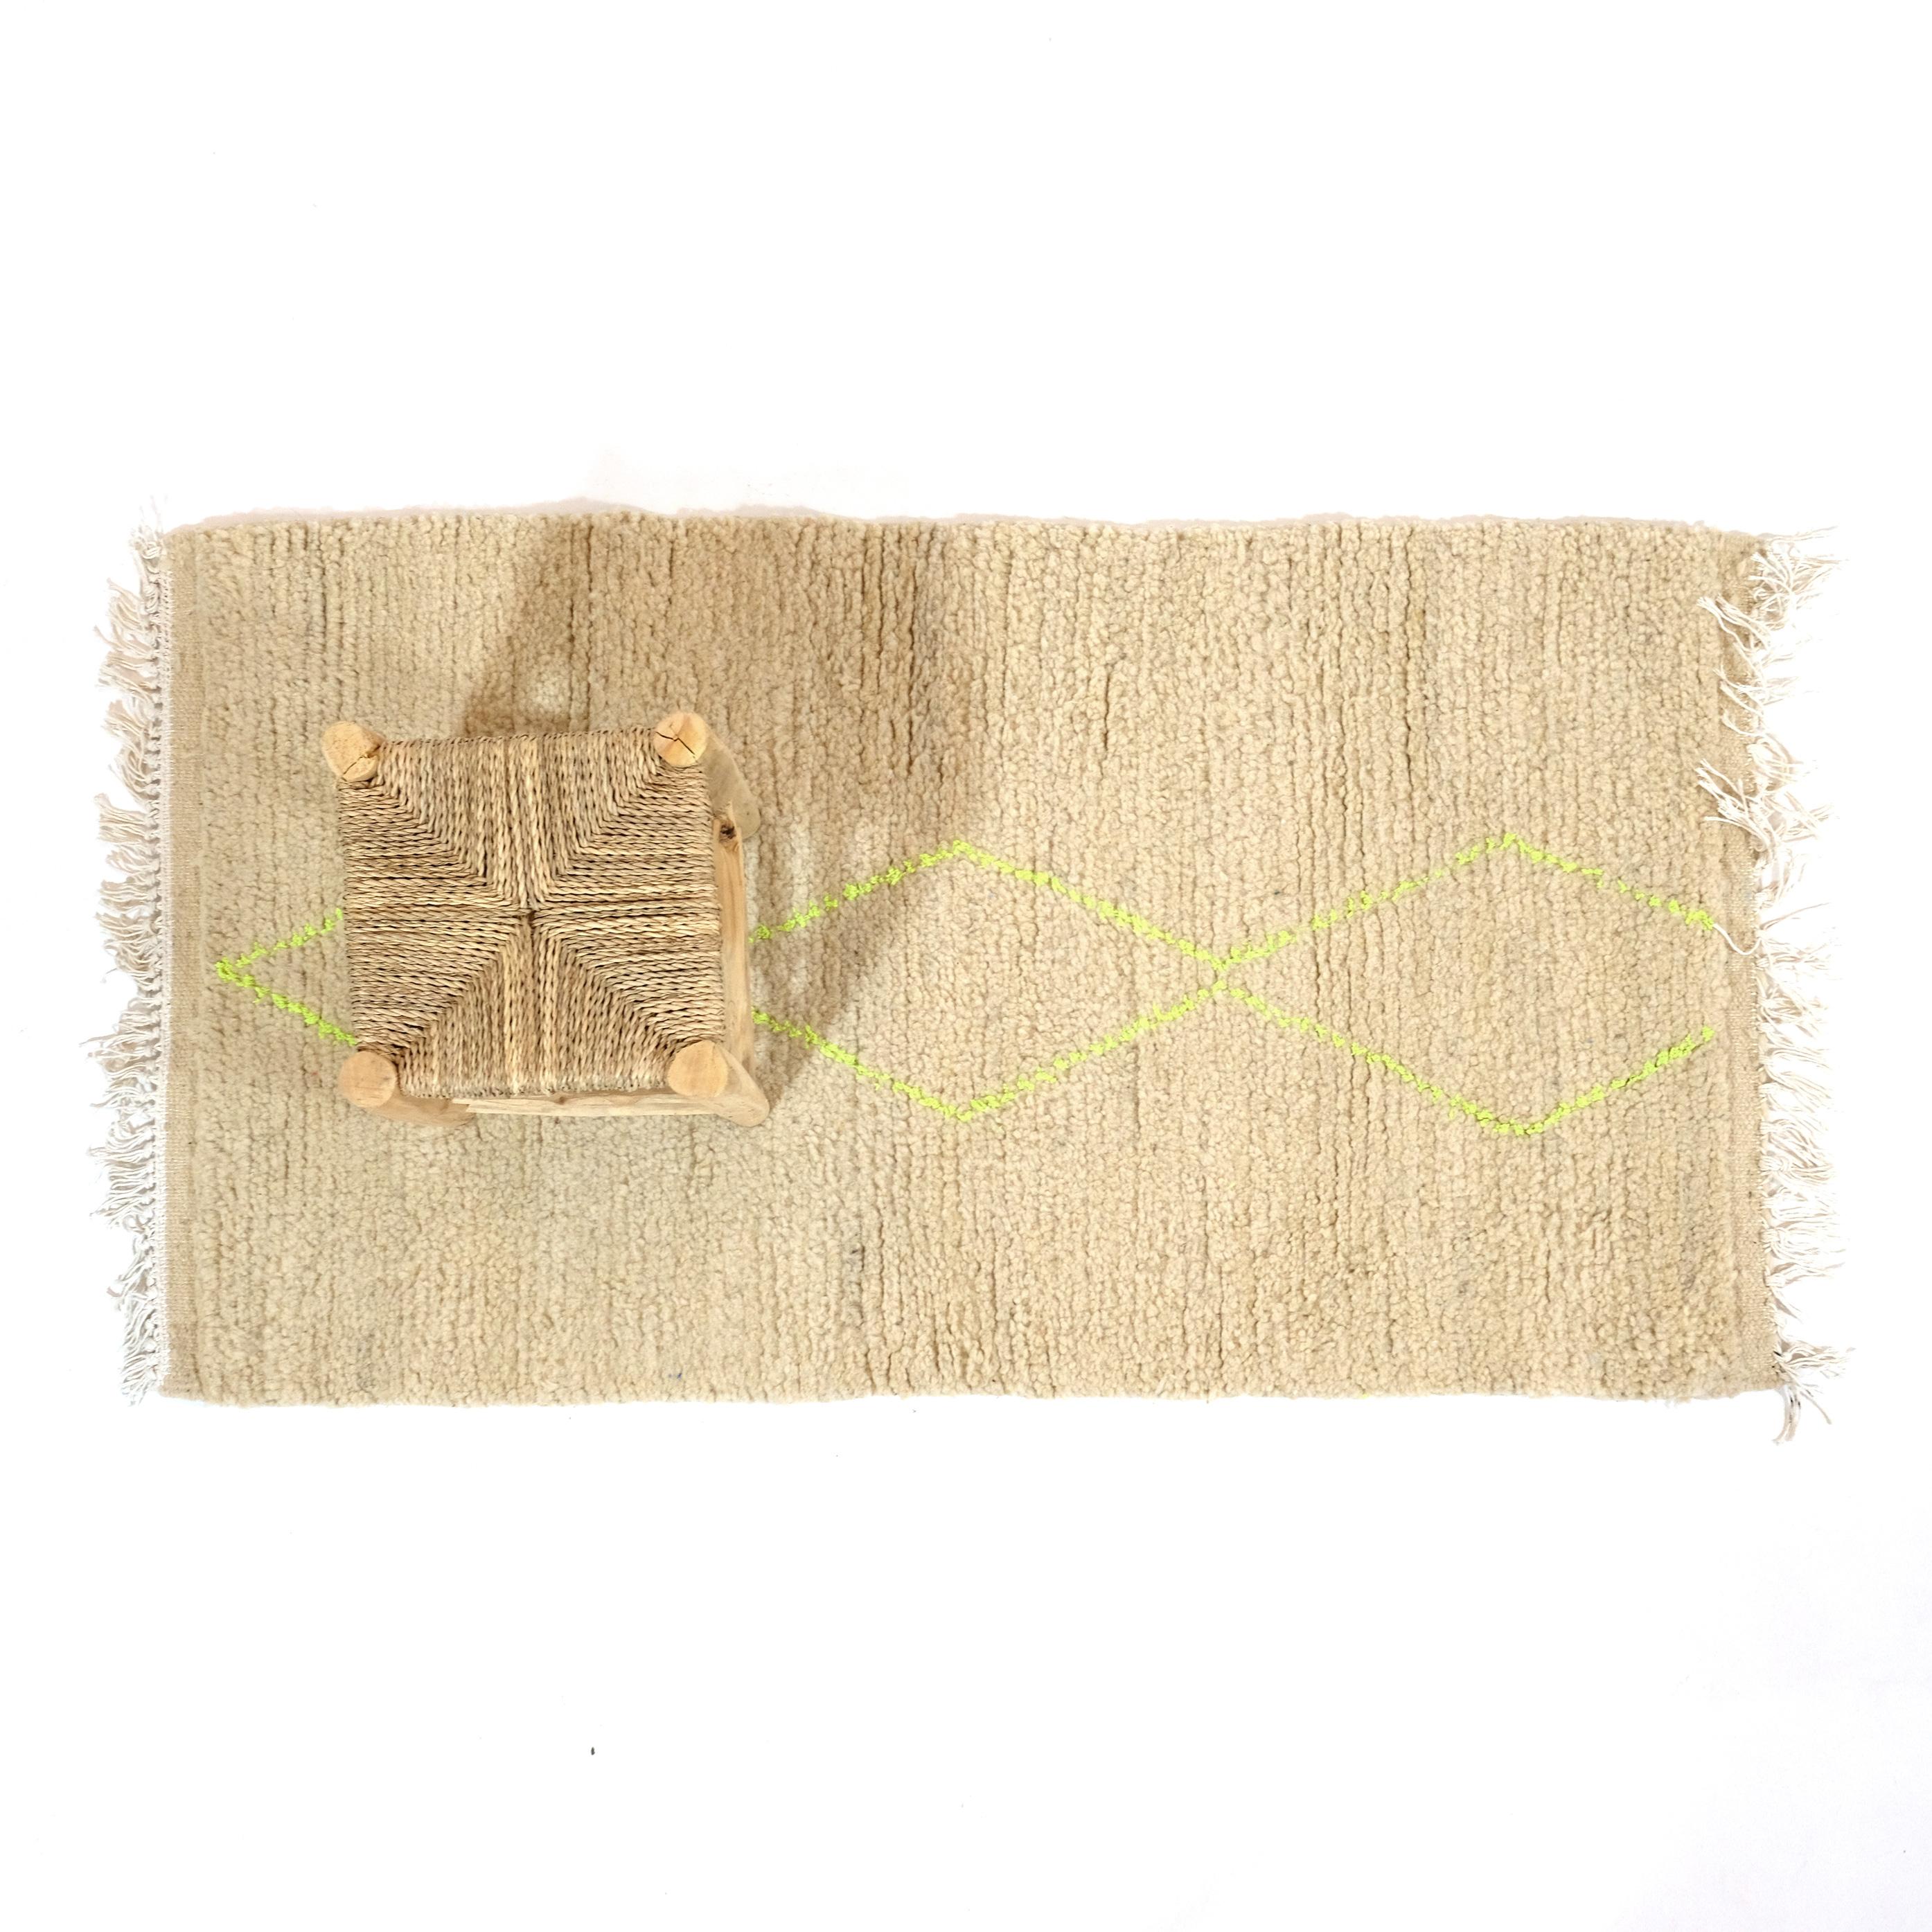 Little Berber rug.